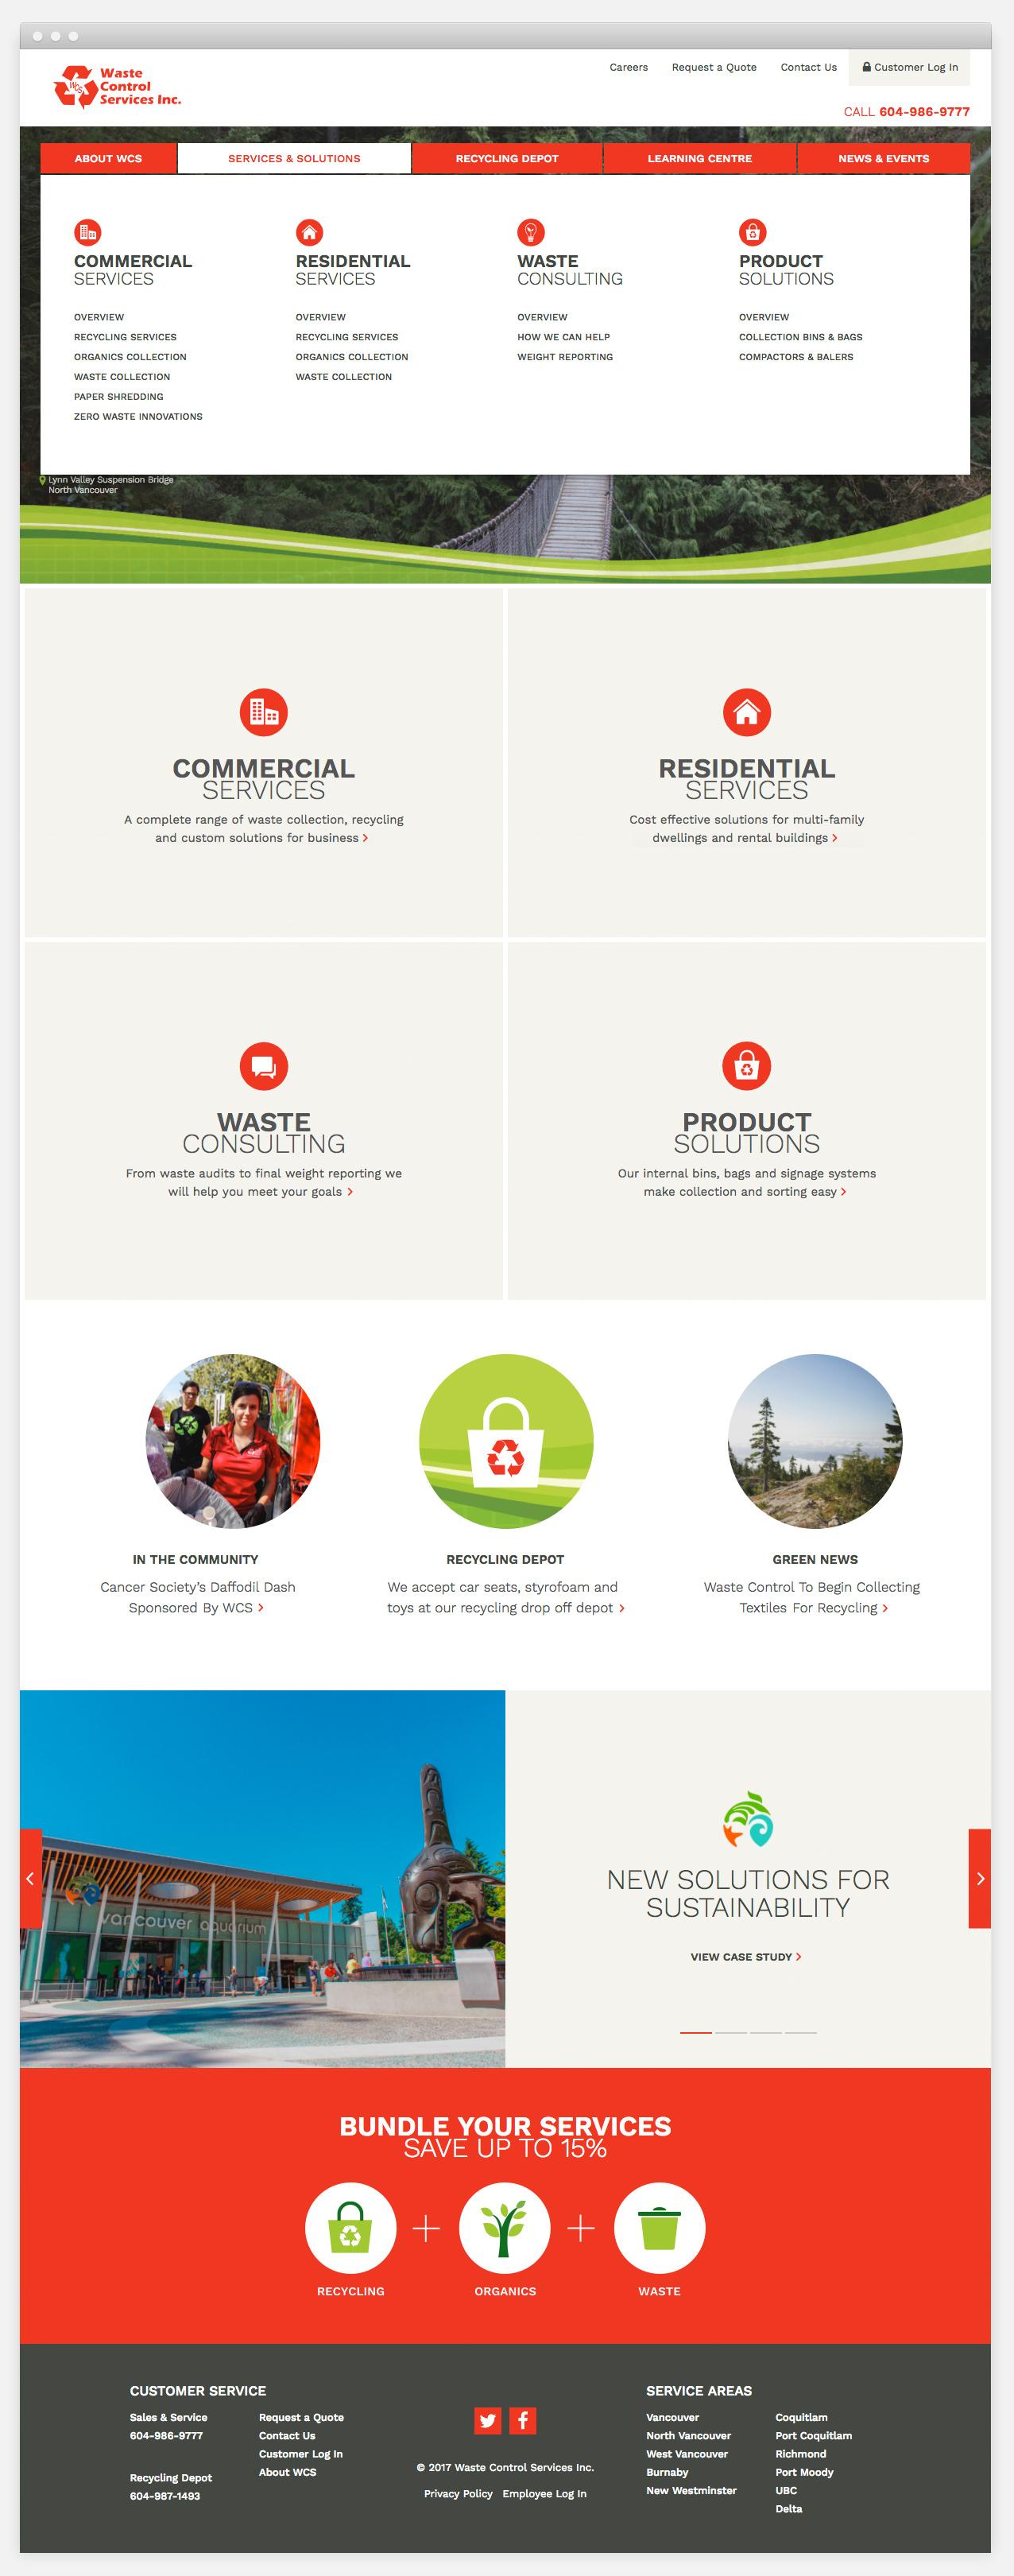 WCS-home1-menu.jpg